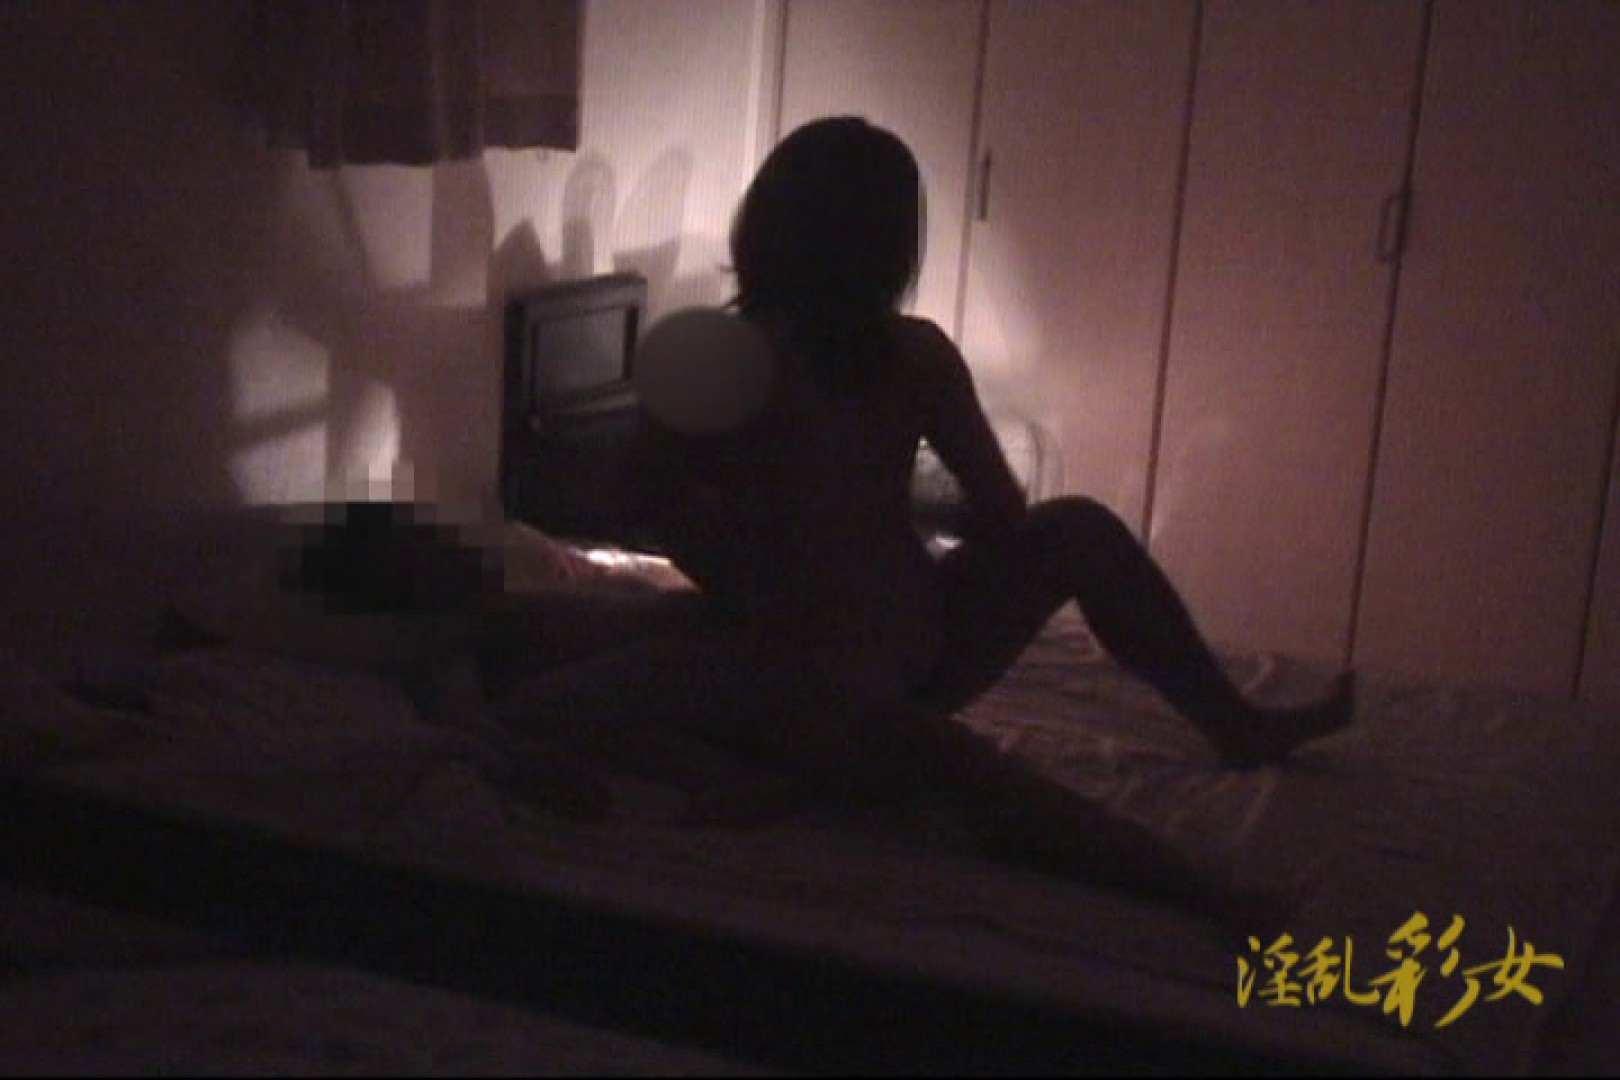 淫乱彩女 麻優里 禁断の彼氏 SEX映像 | 一般投稿  110pic 82